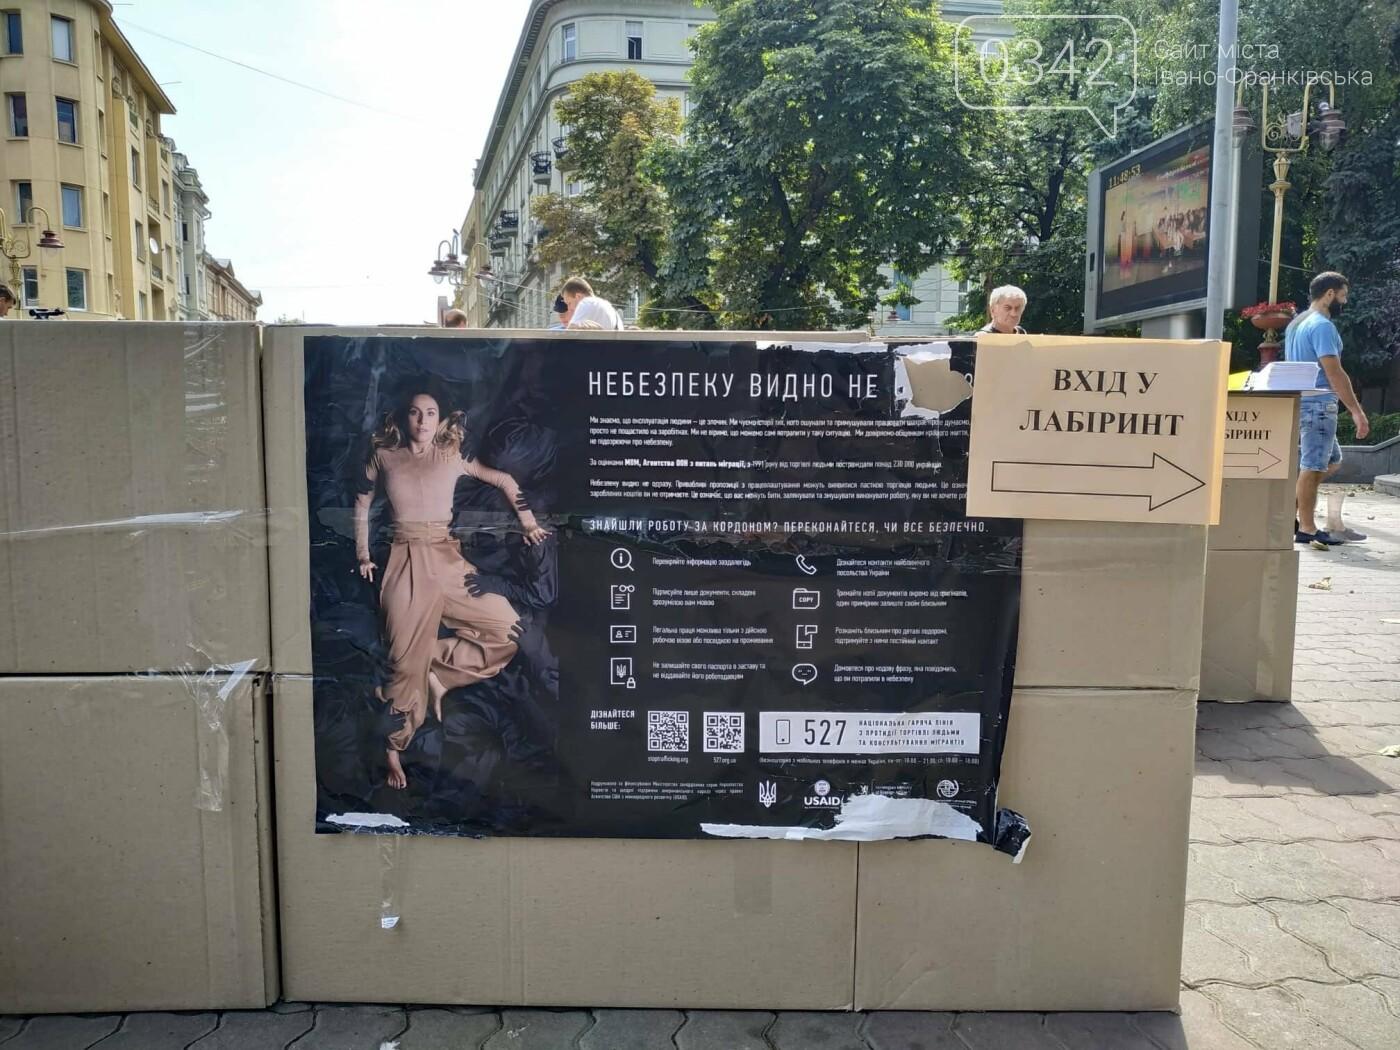 Як не потрапити у рабство: у центрі Франківська проходить квест-лабіринт (ФОТО), фото-4